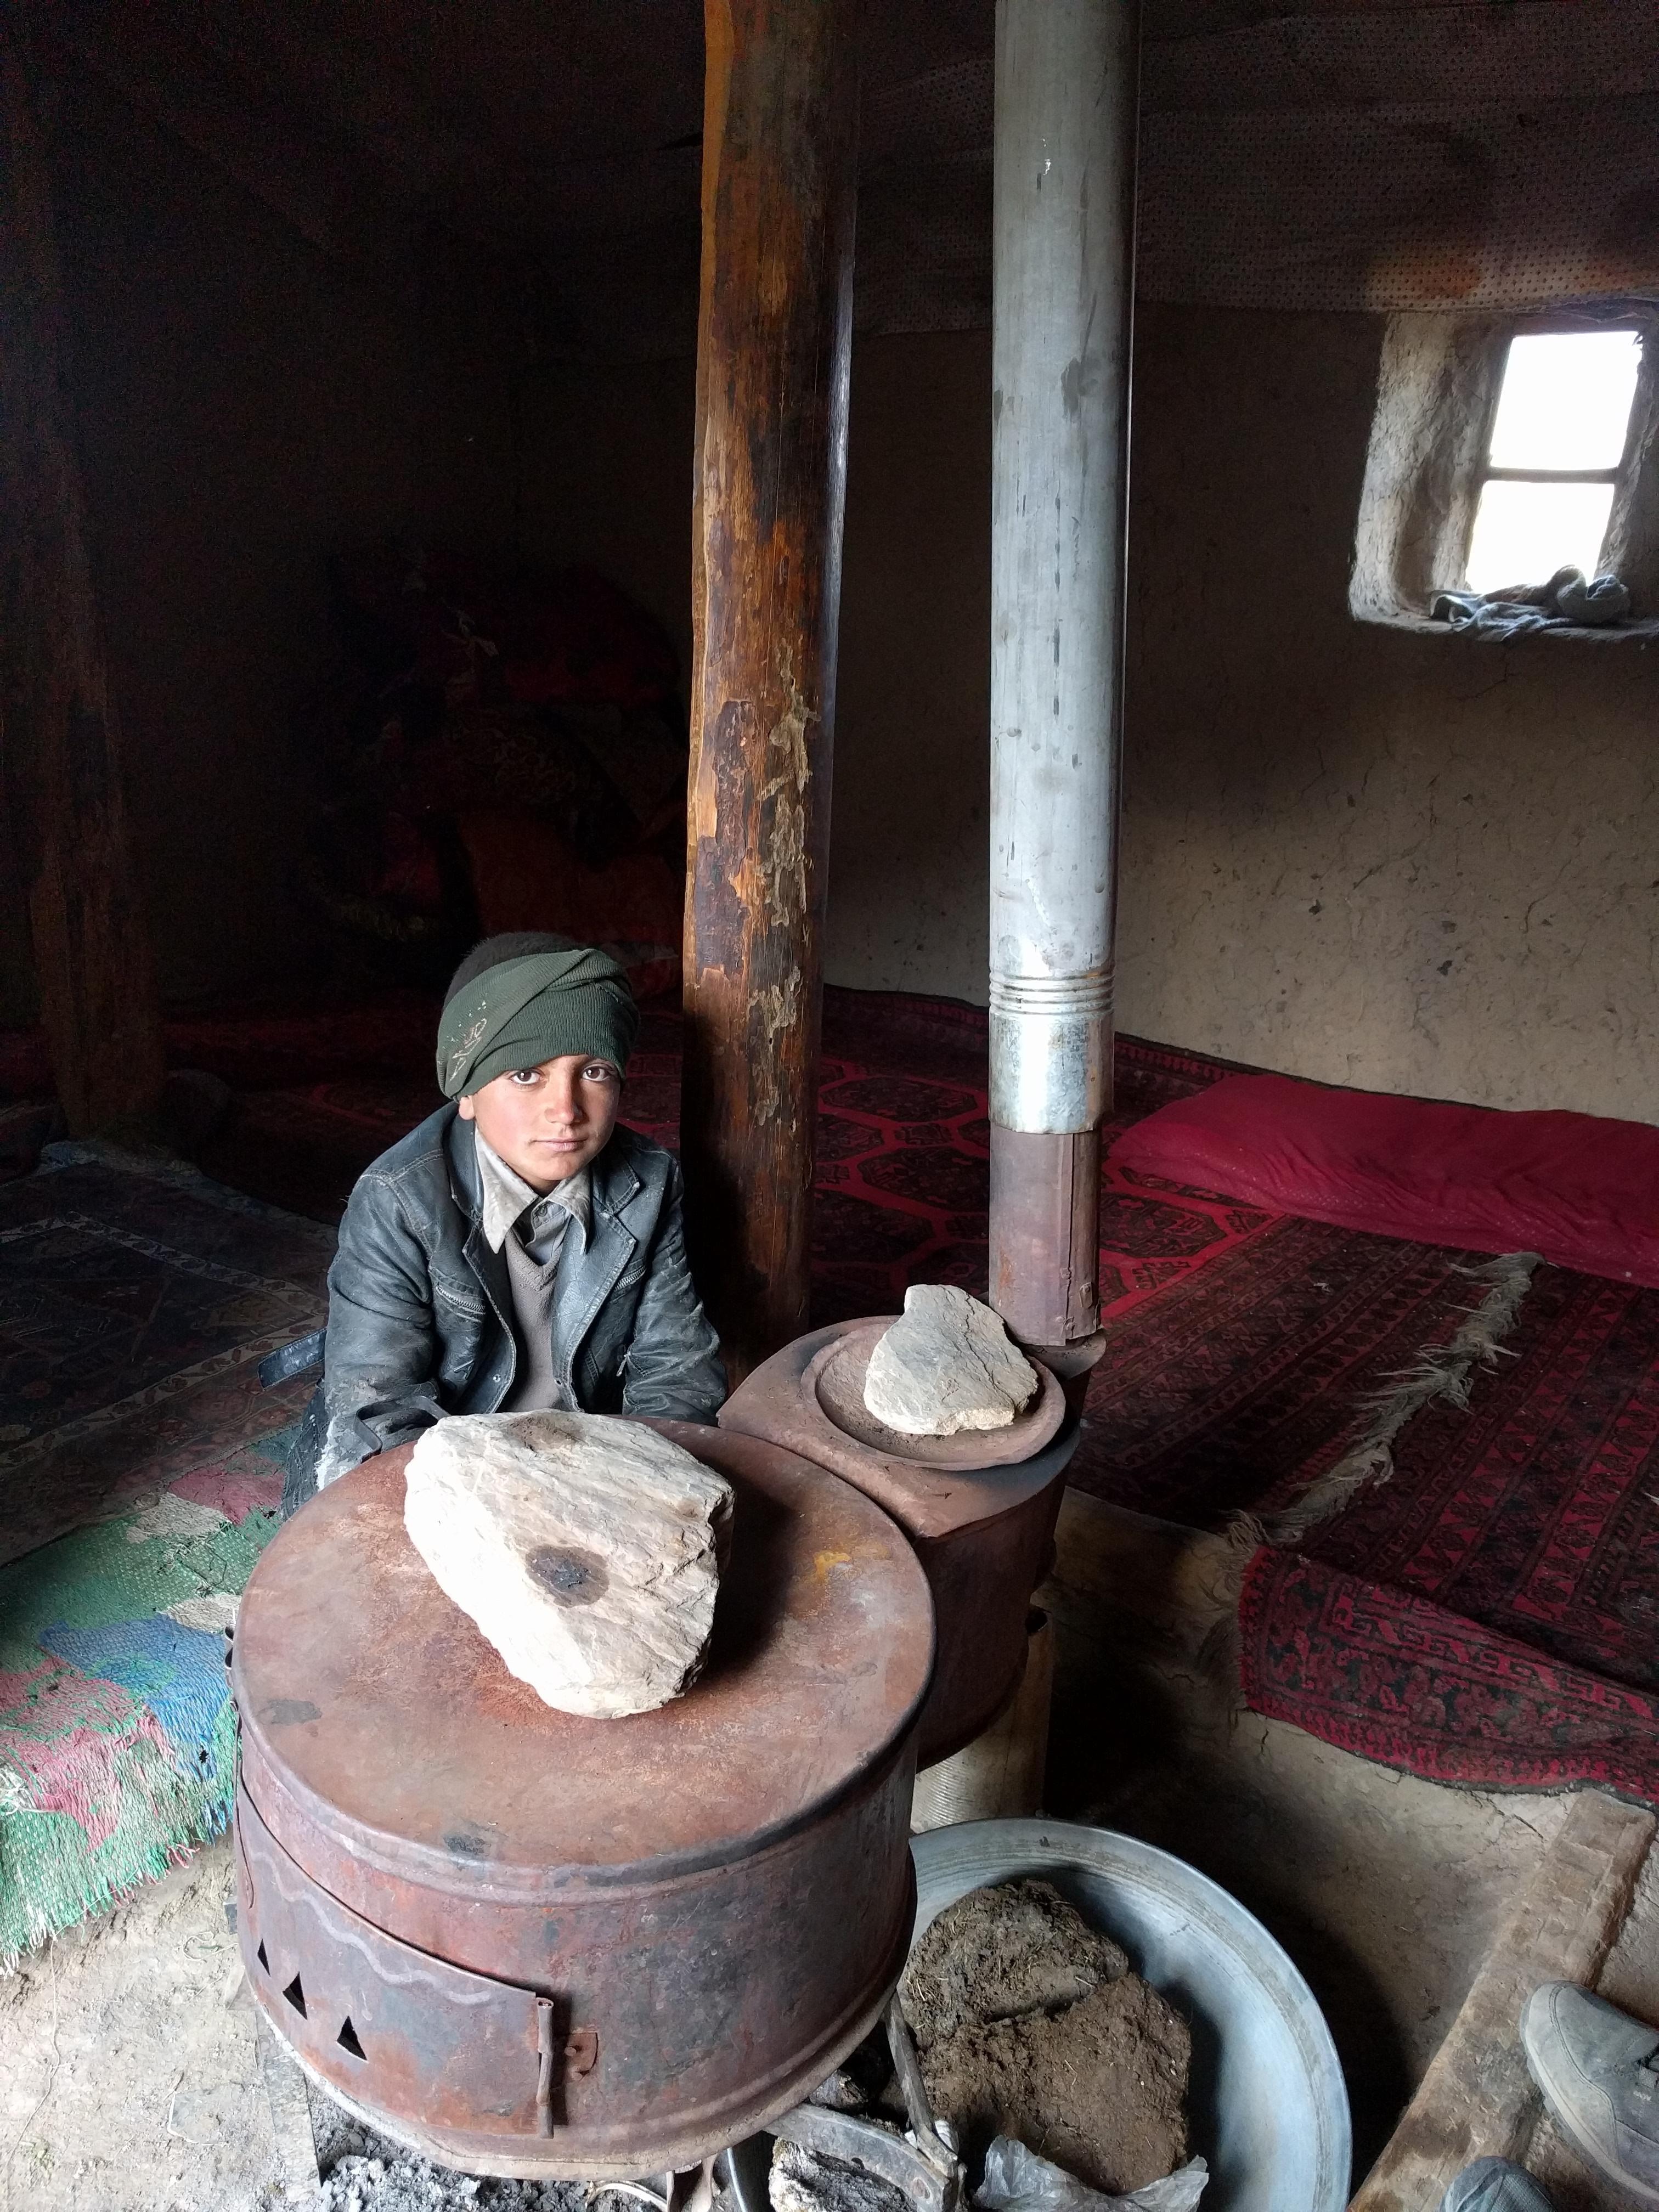 Wakhi boy near stove